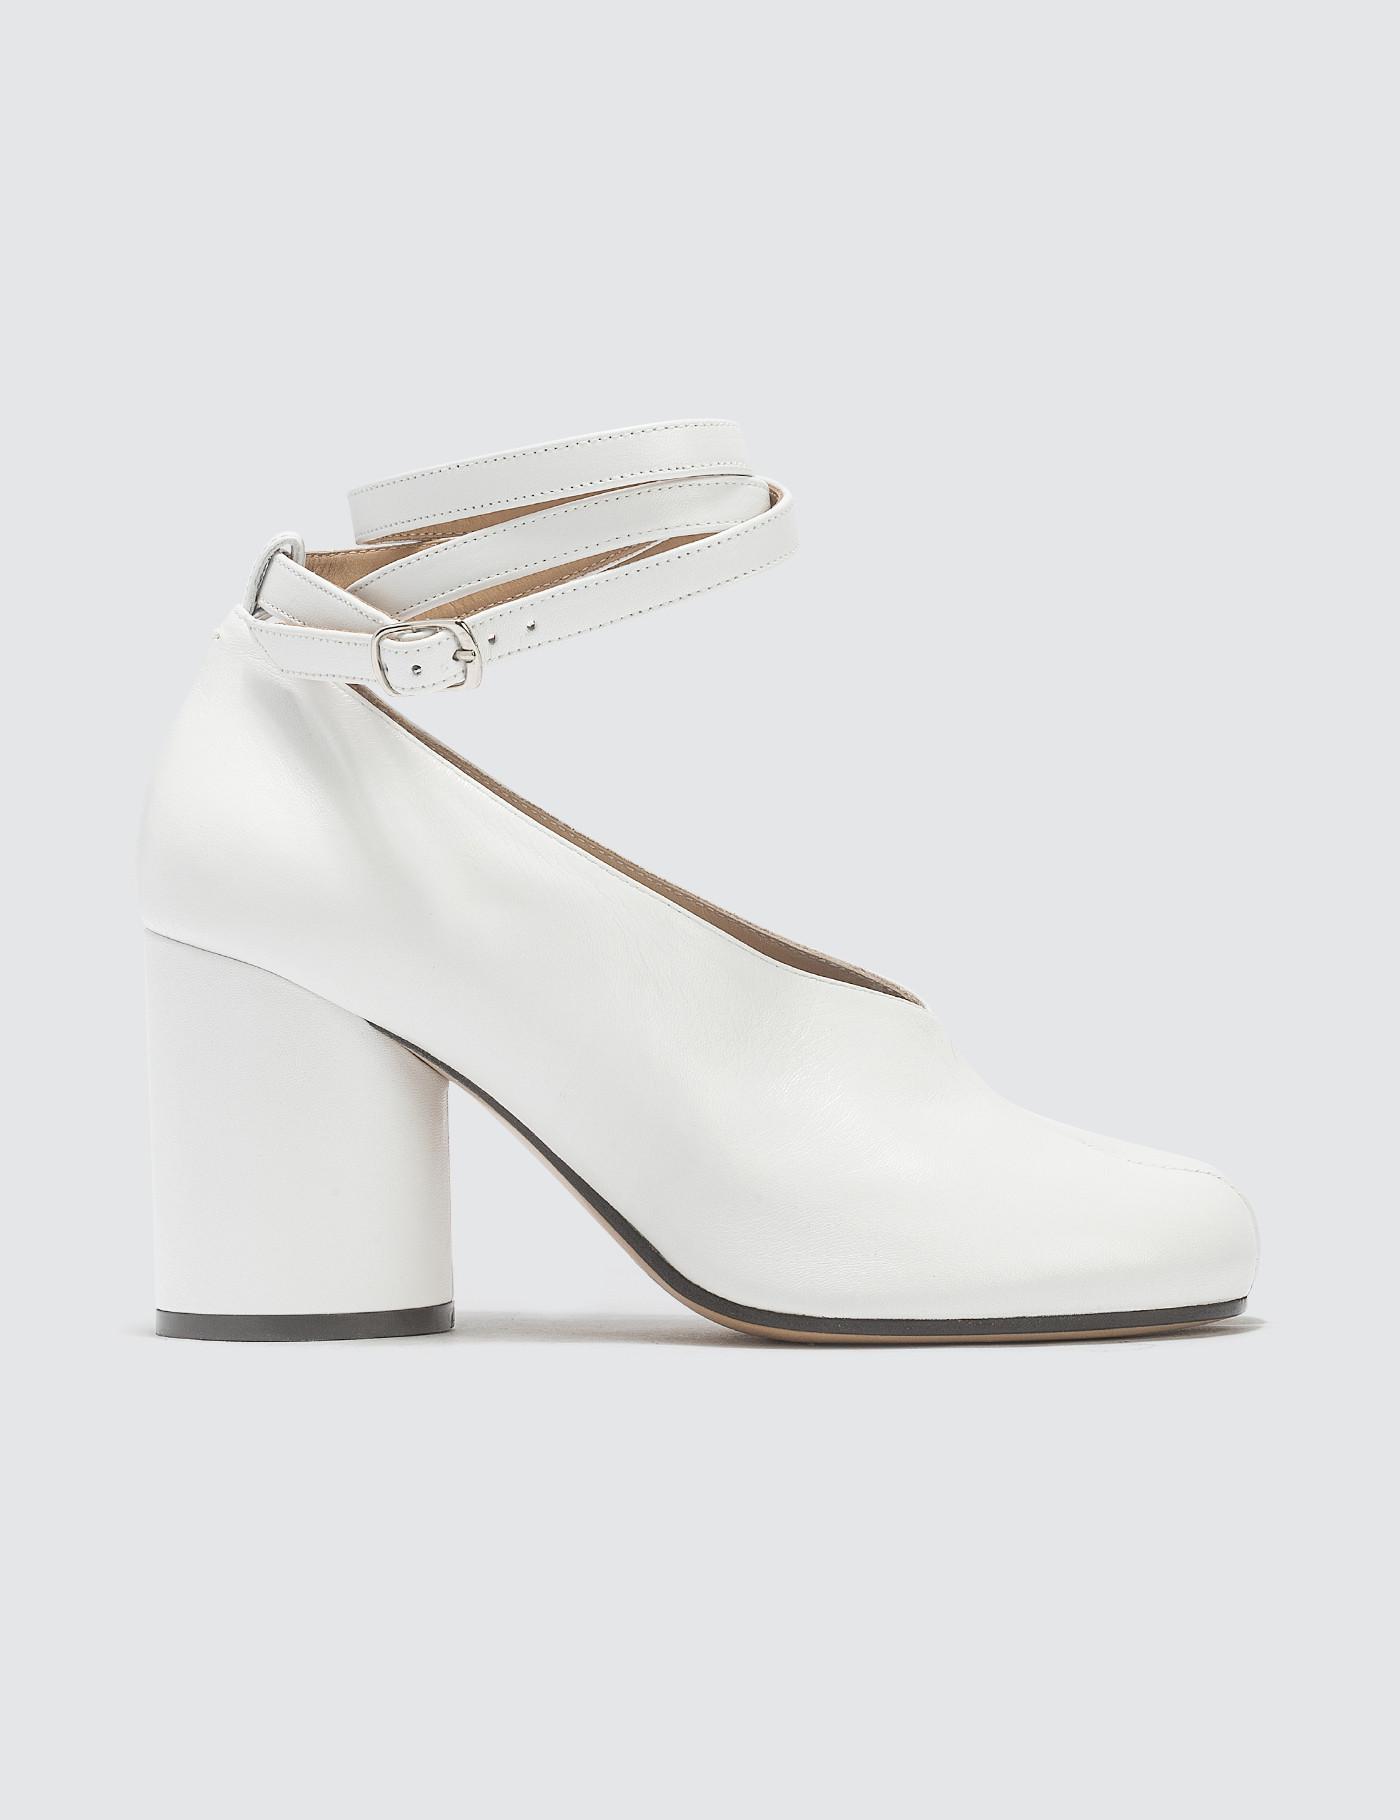 750a7409c492 Maison Margiela Split-toe Tabi Heels in White - Lyst